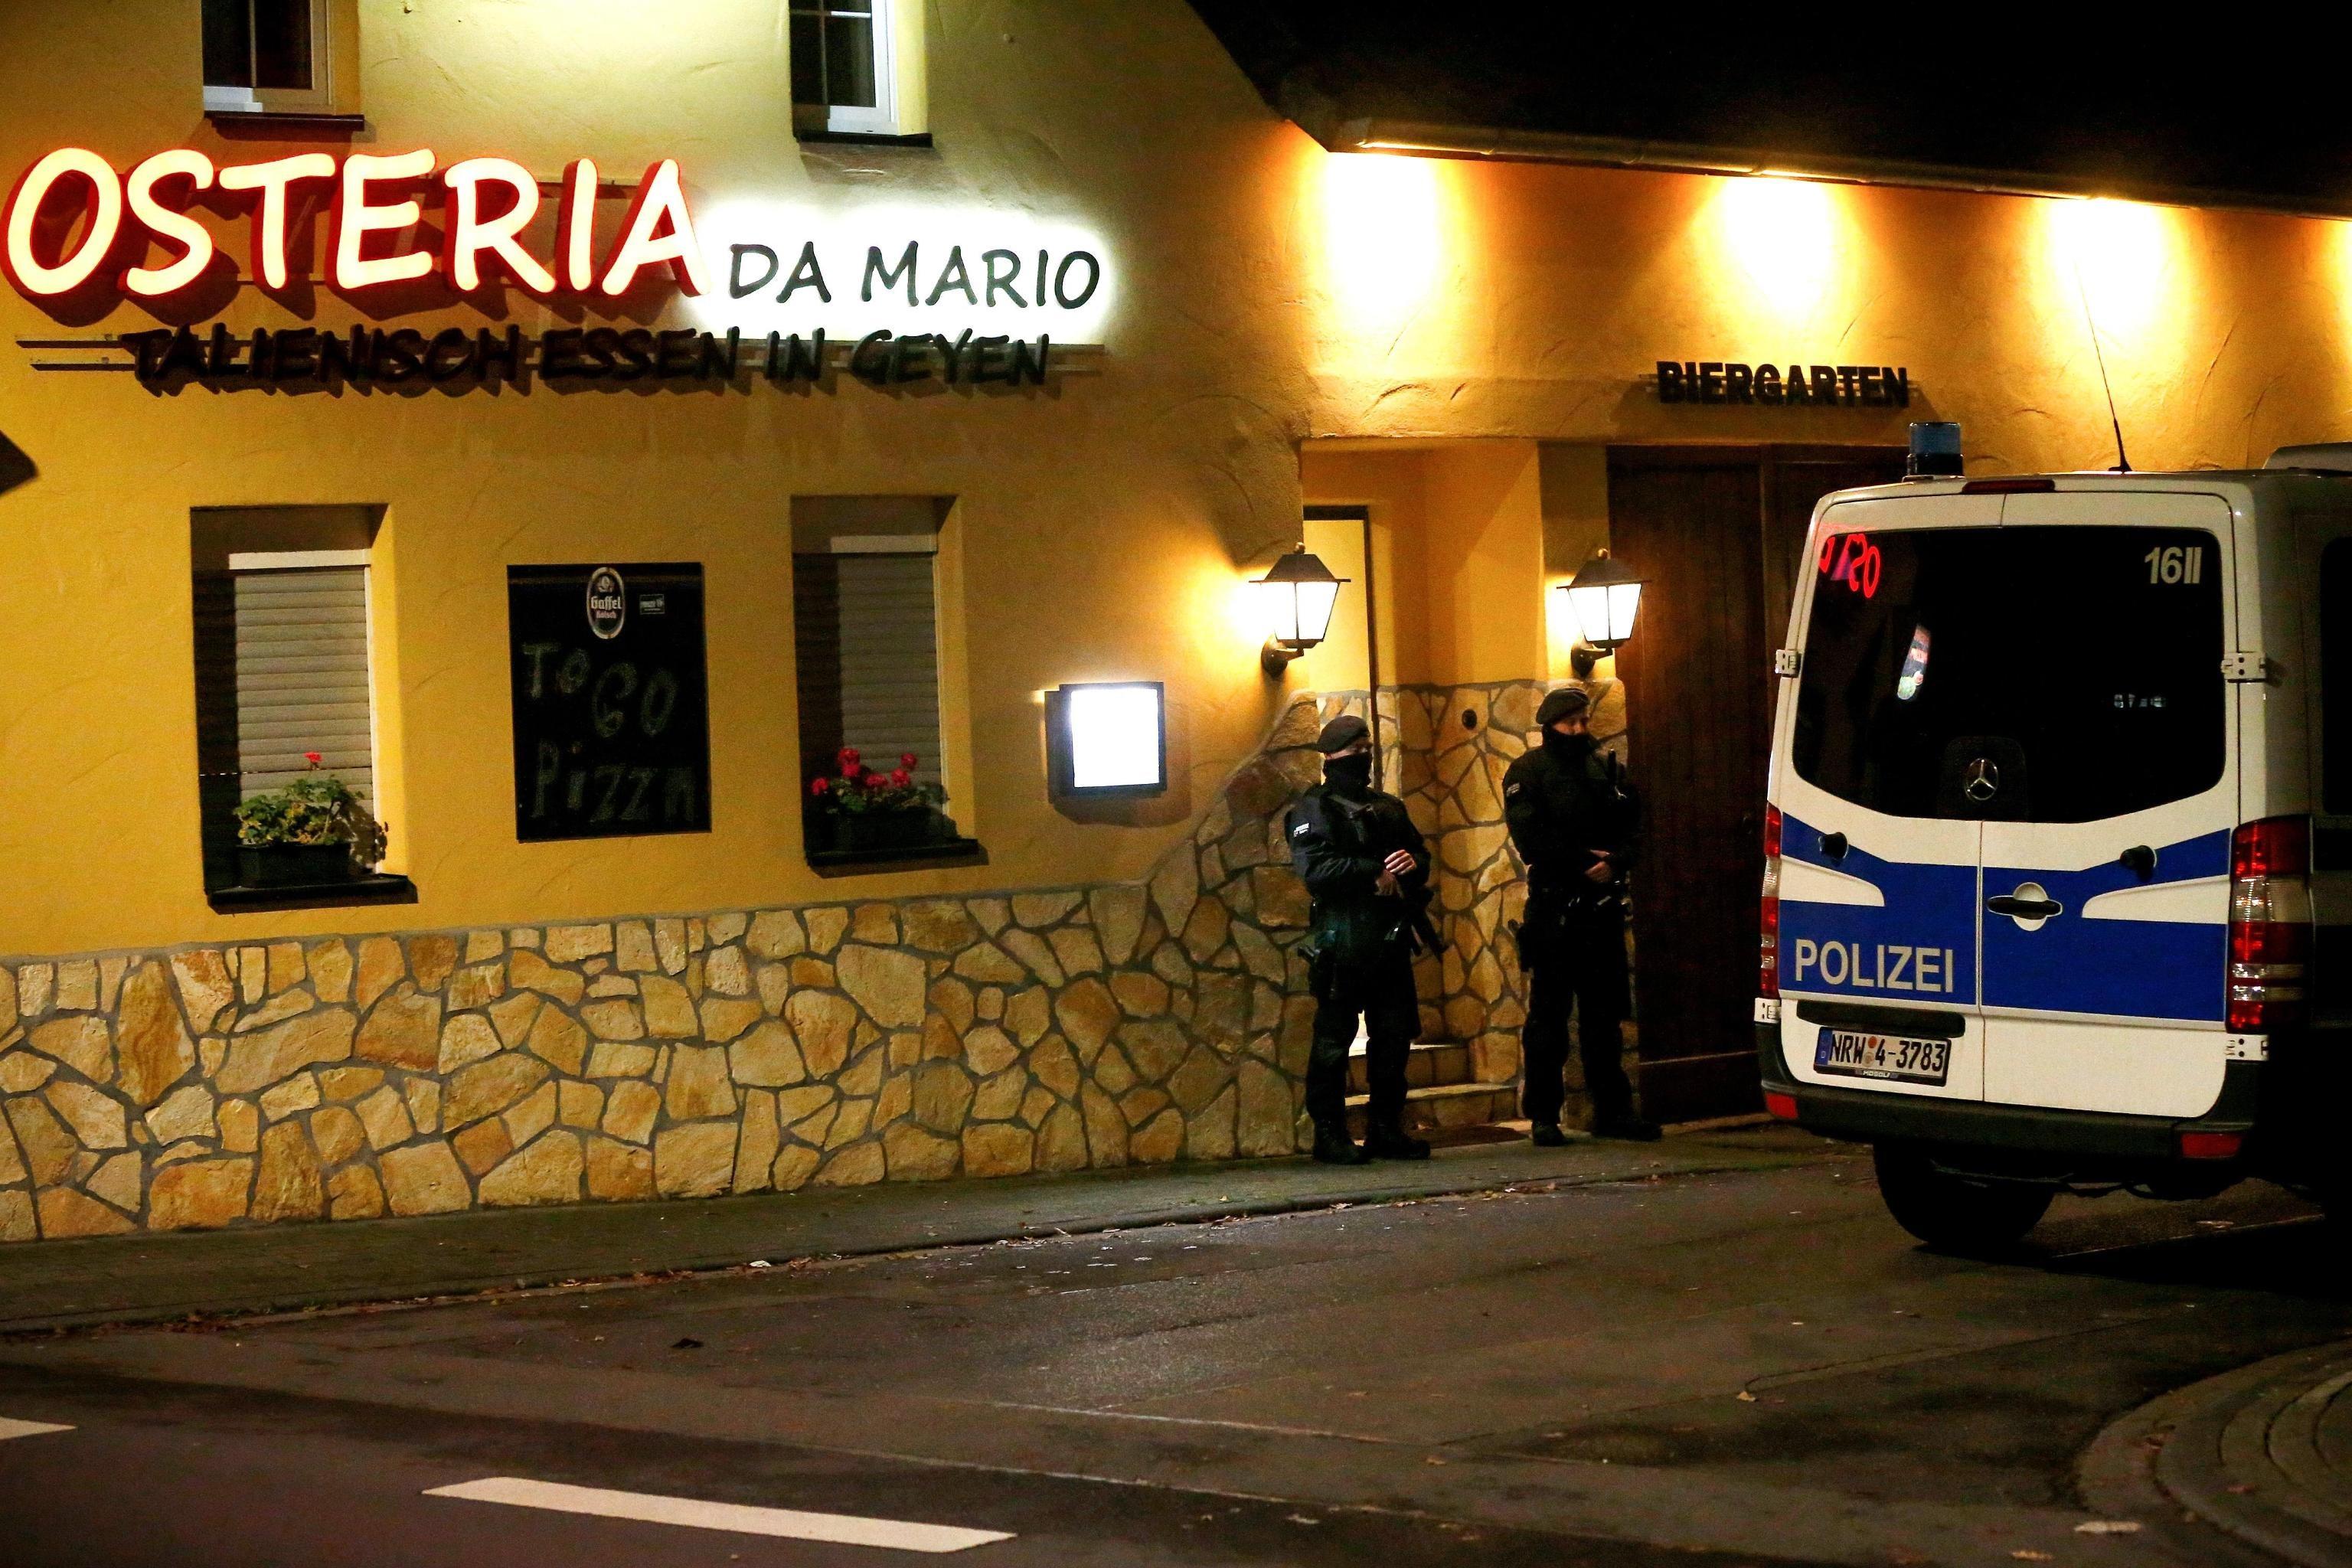 """Il ristorante italiano: """"Osteria da Mario"""" a Pulheim dove si è svolta l'operazione"""